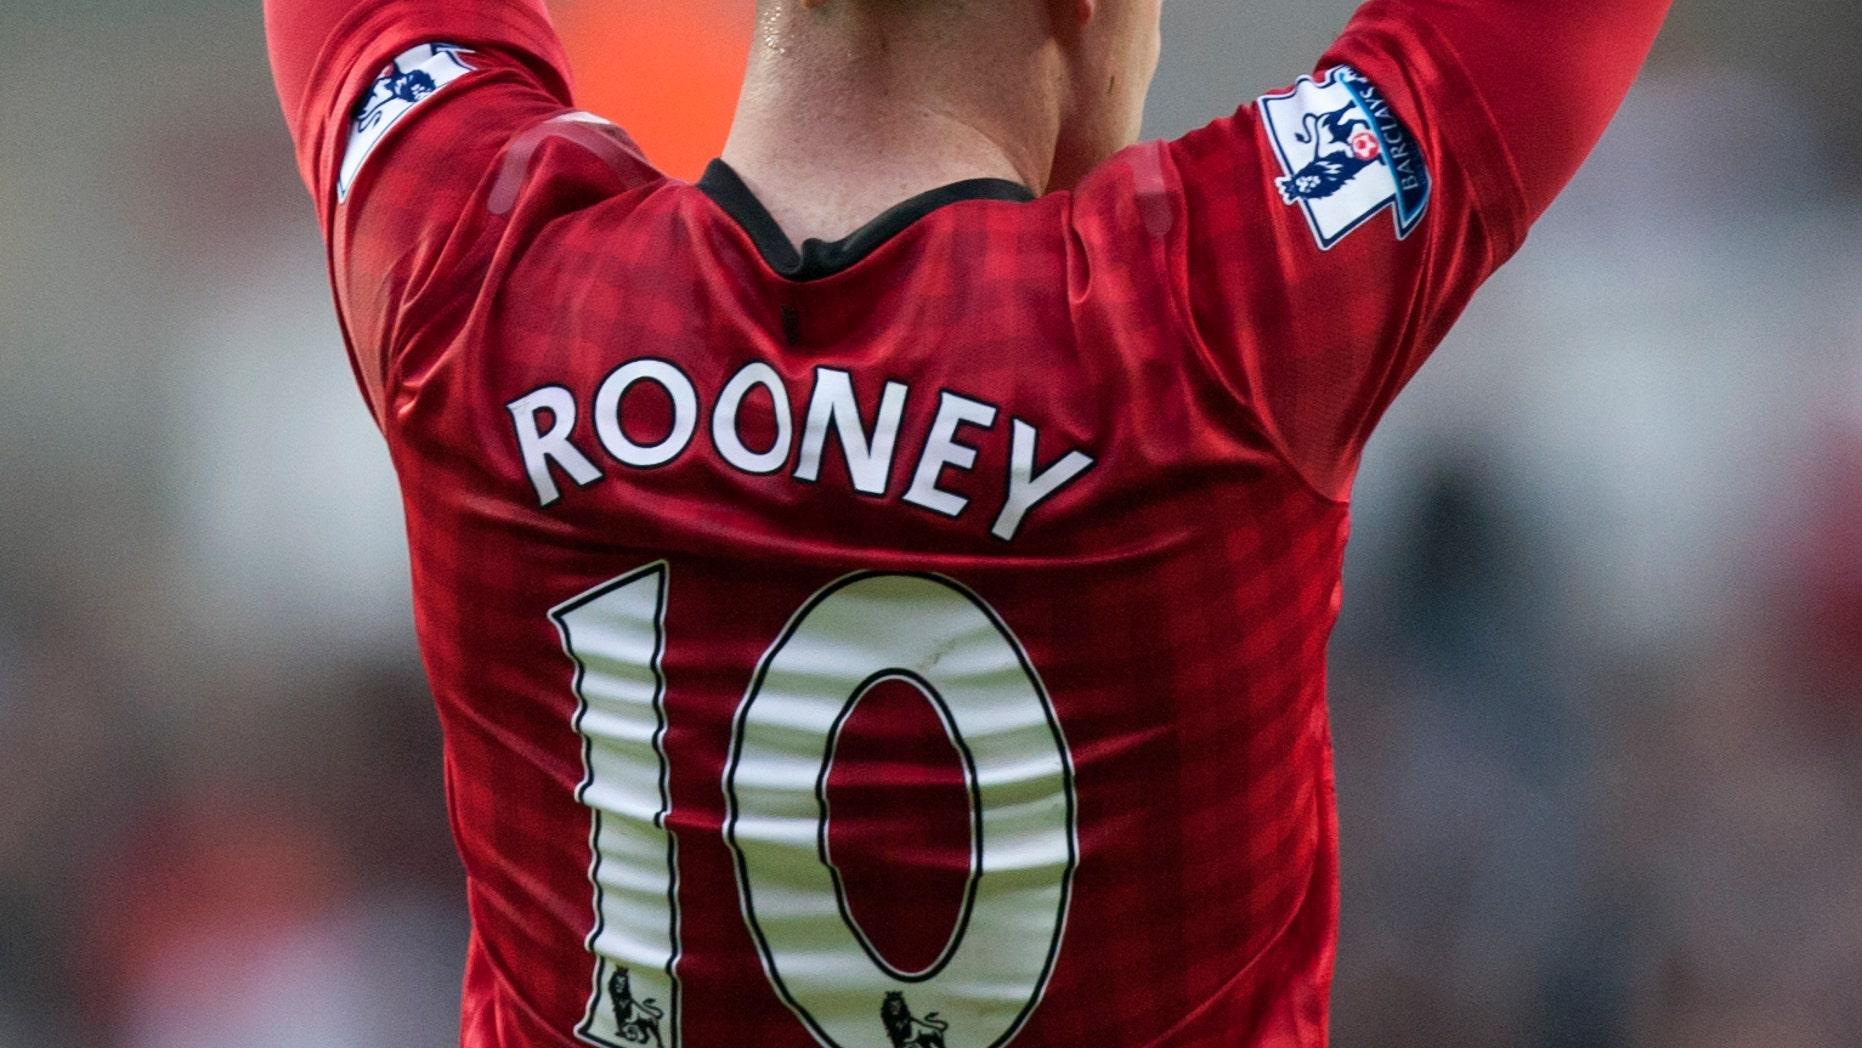 Wayne Rooney, del Manchester United, se lamenta después de haber desperdiciado un tiro libre durante el partido de la Liga Premier de su equipo contra el Swansea, en el Liberty Stadium, en Swansea, Gales, el domingo 23 de diciembre de 2012. (AP foto/Jon Super)